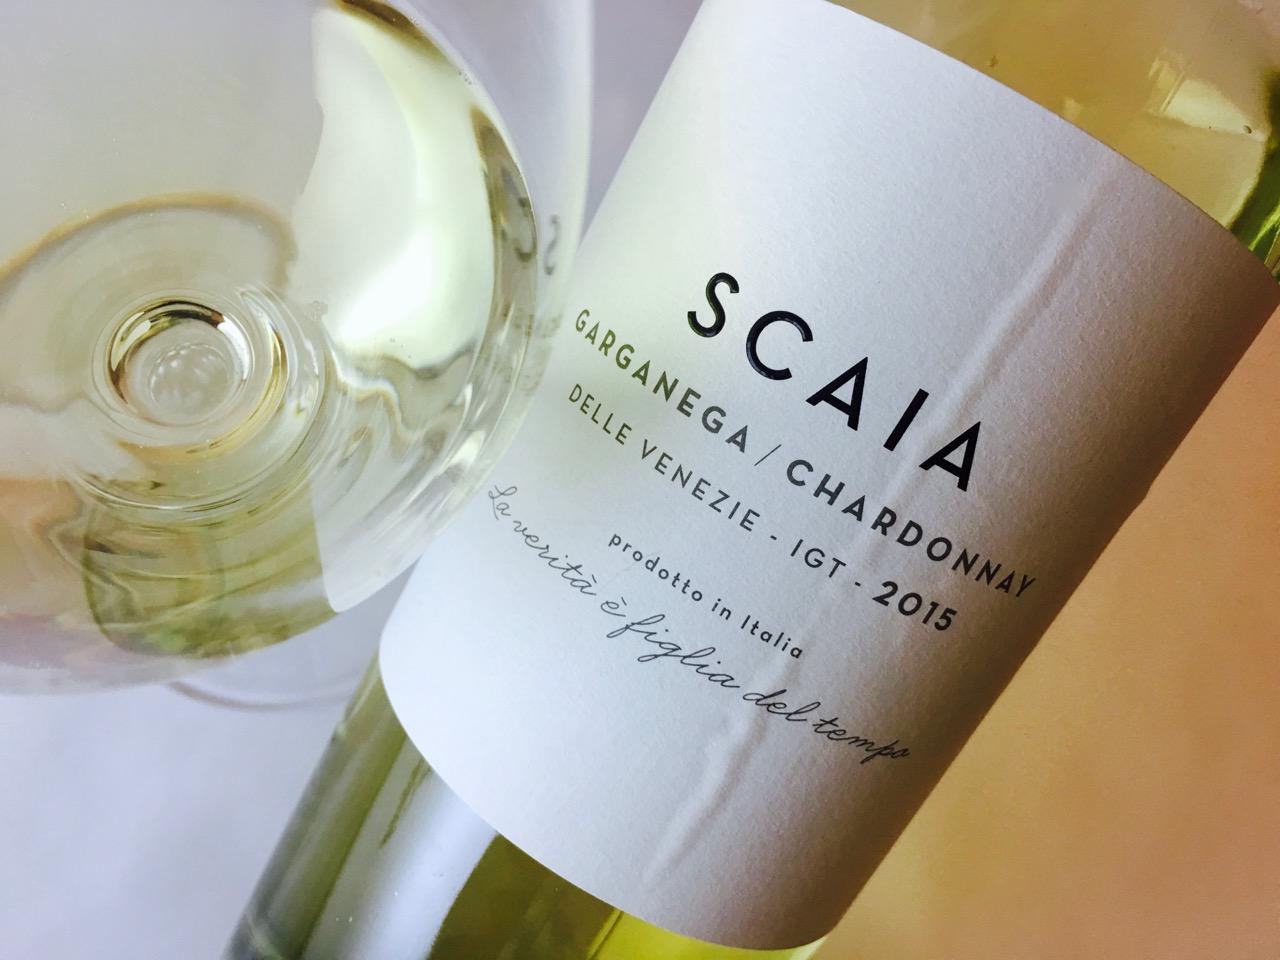 2015 Tenuta Sant'Antonio Scaia Garganega-Chardonnay Delle Venezie